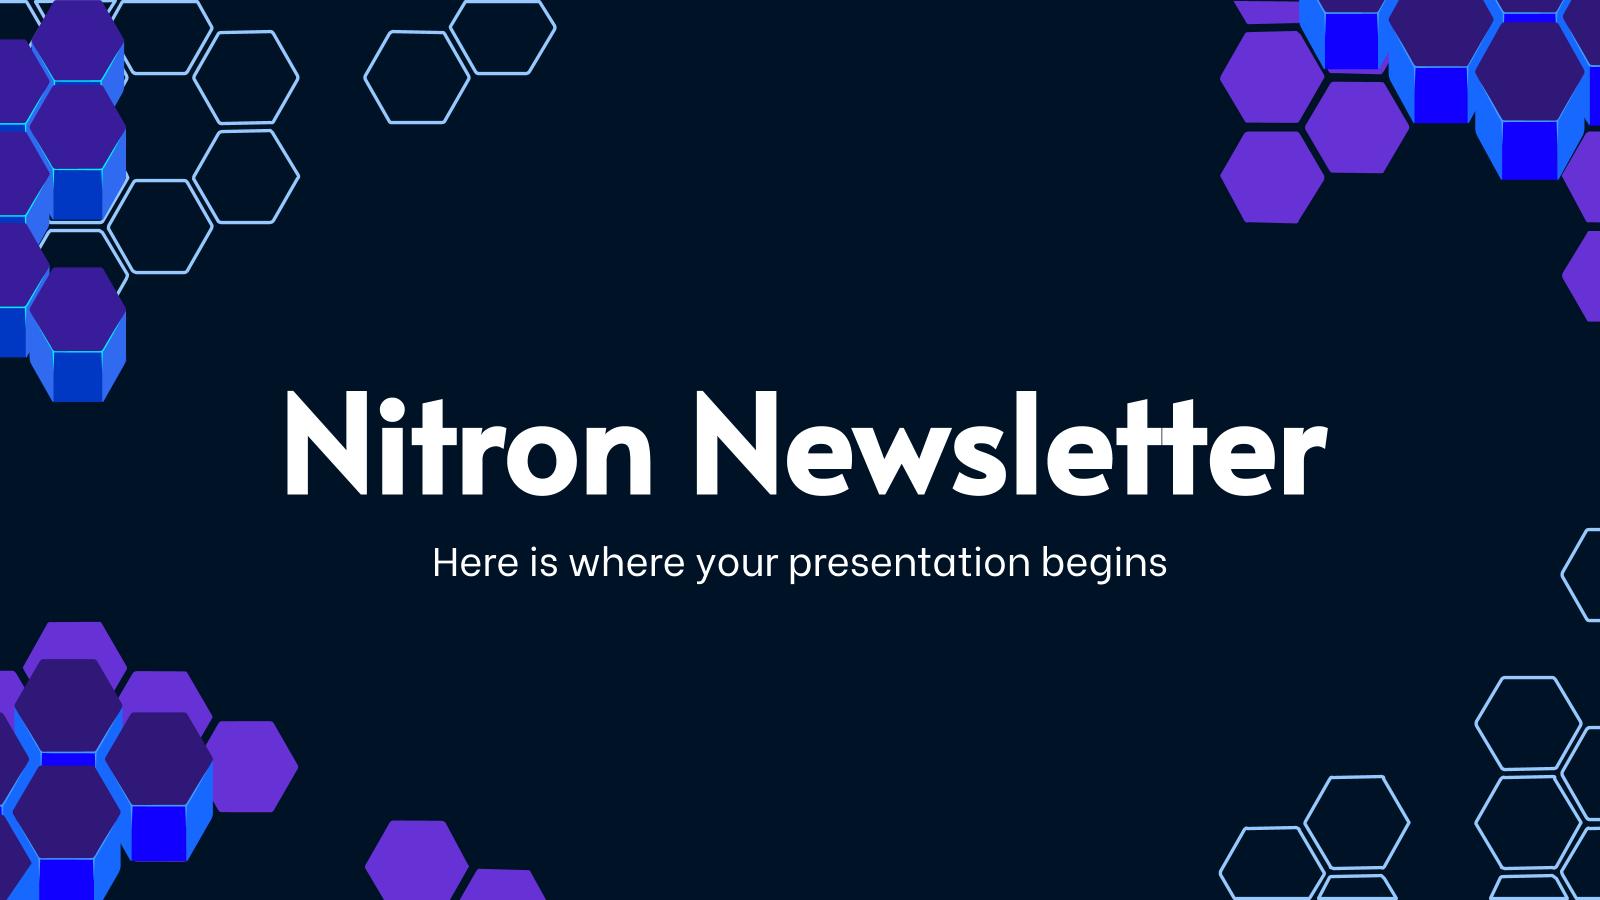 Modelo de apresentação Newsletter Nitron